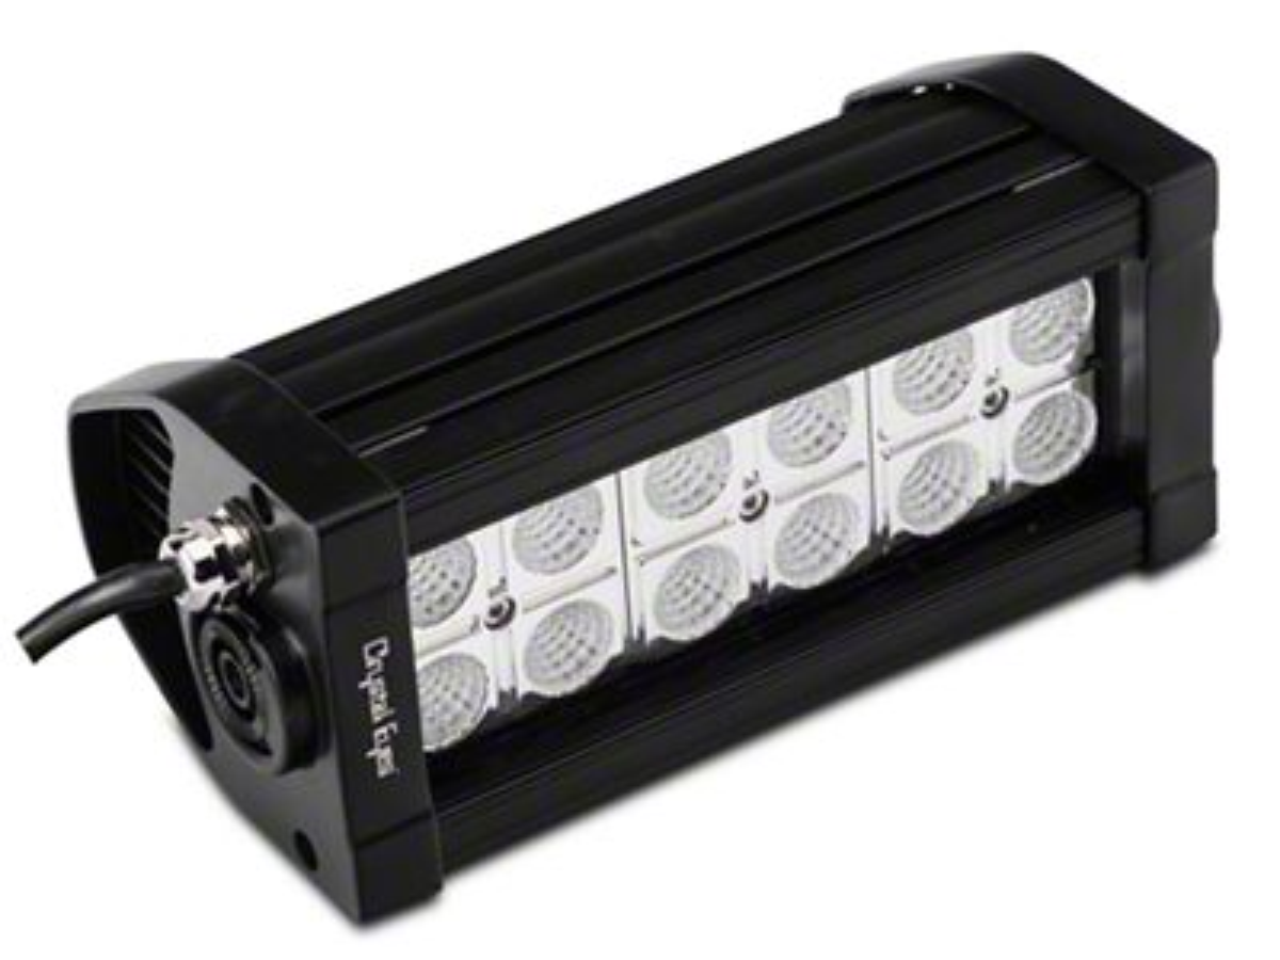 Alteon 7 in. 7 Series LED Light Bar - 60 Degree Flood Beam